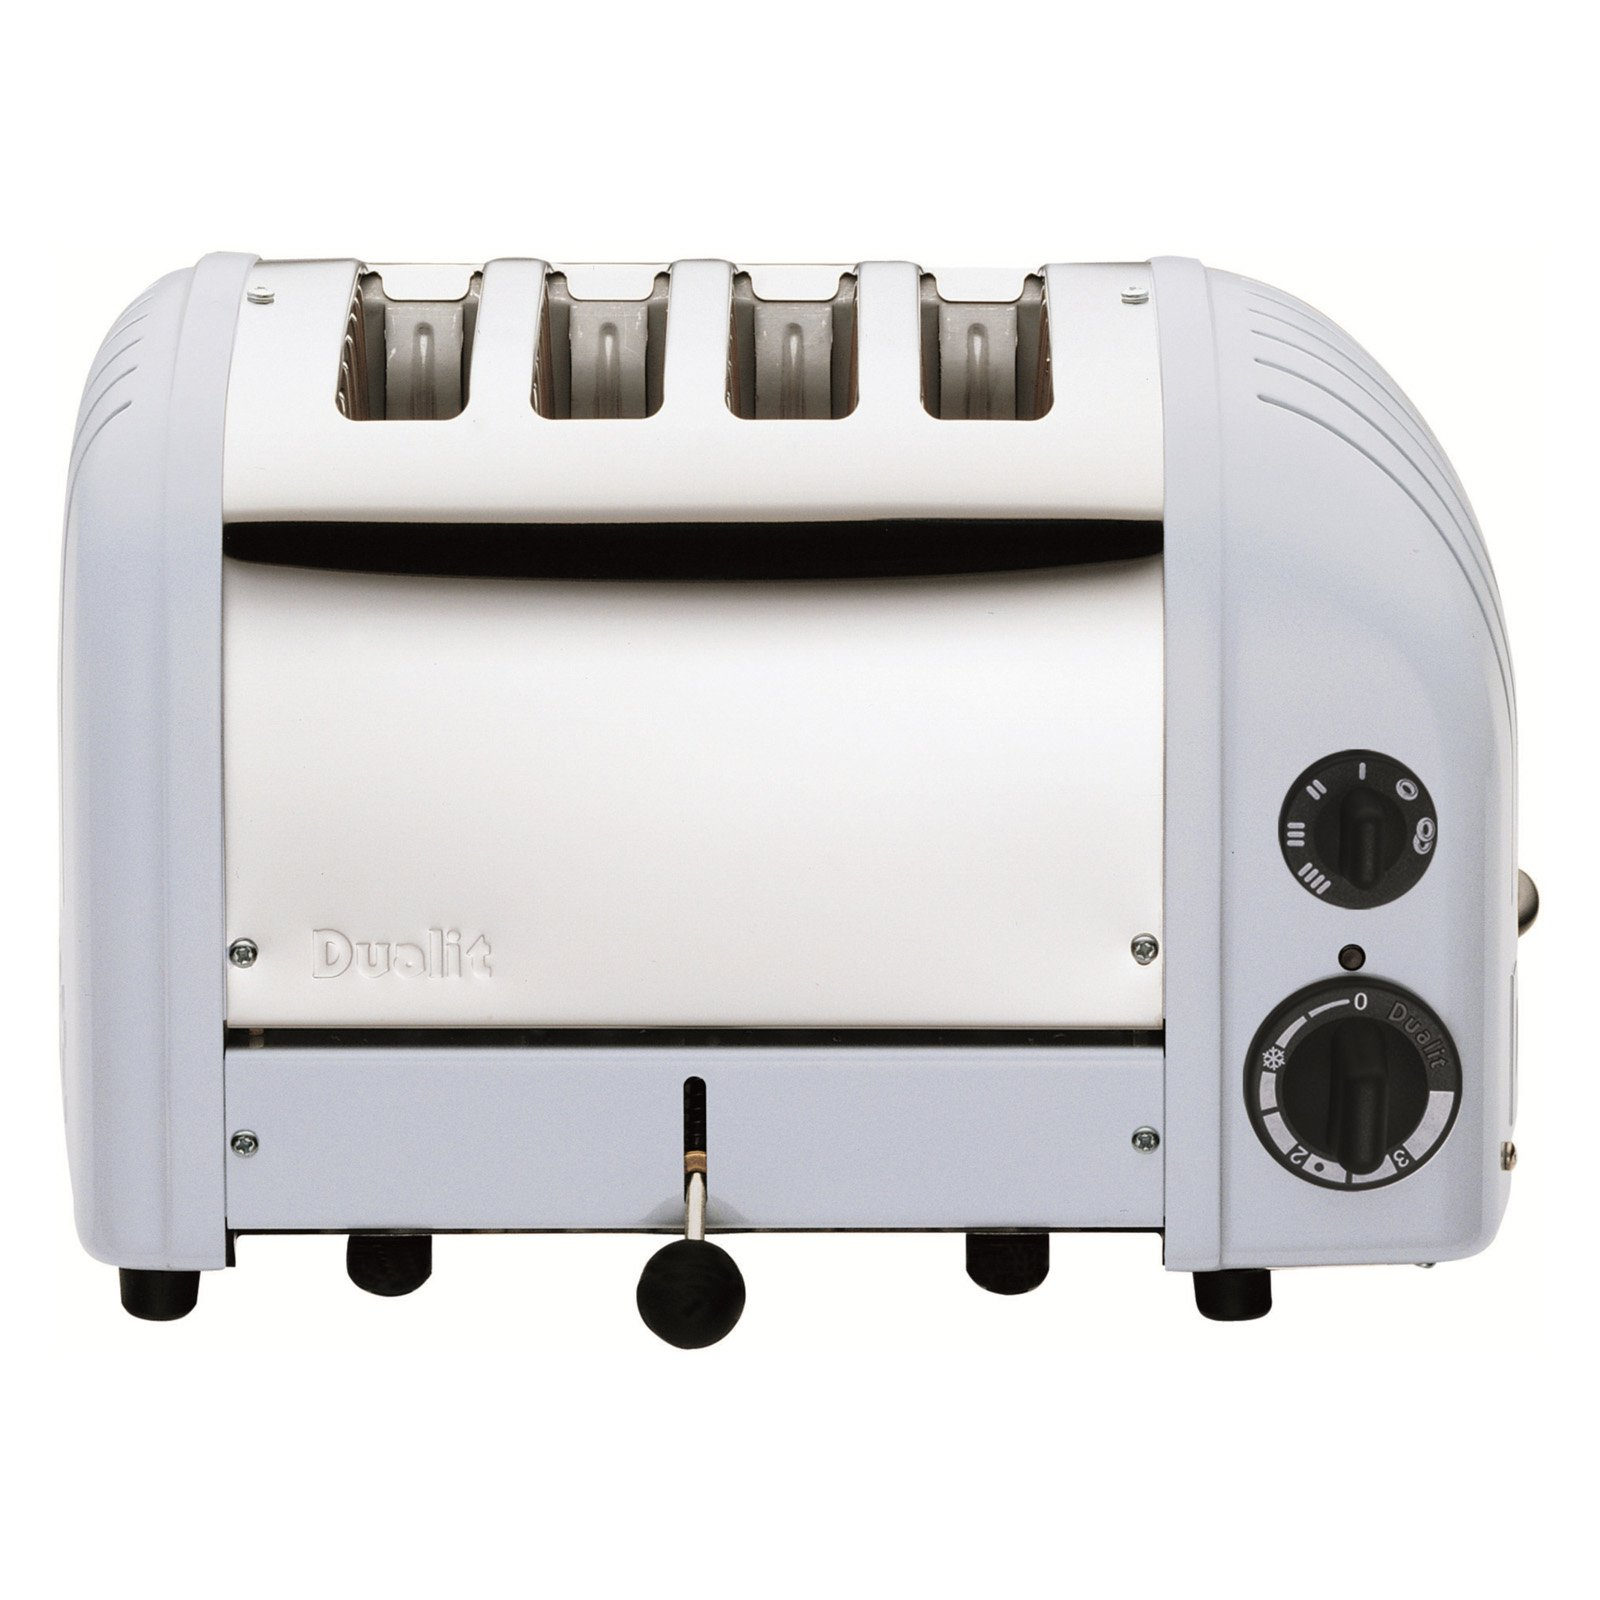 Dualit 47156 4 Slice NewGen Toaster - Glacier Blue